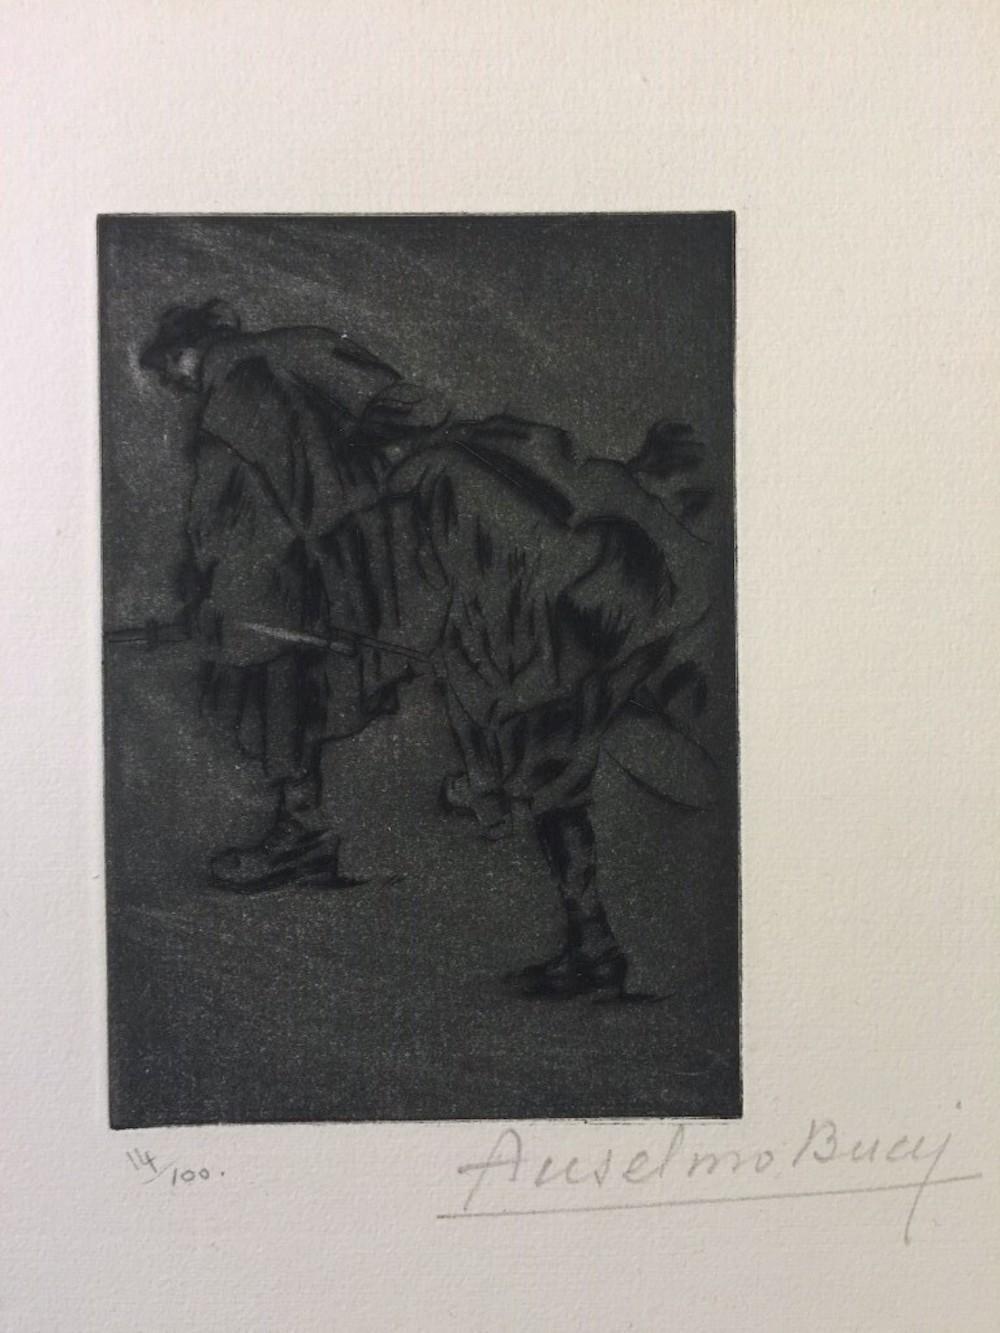 Dans la Nuit - Original Etching by Anselmo Bucci - 1917